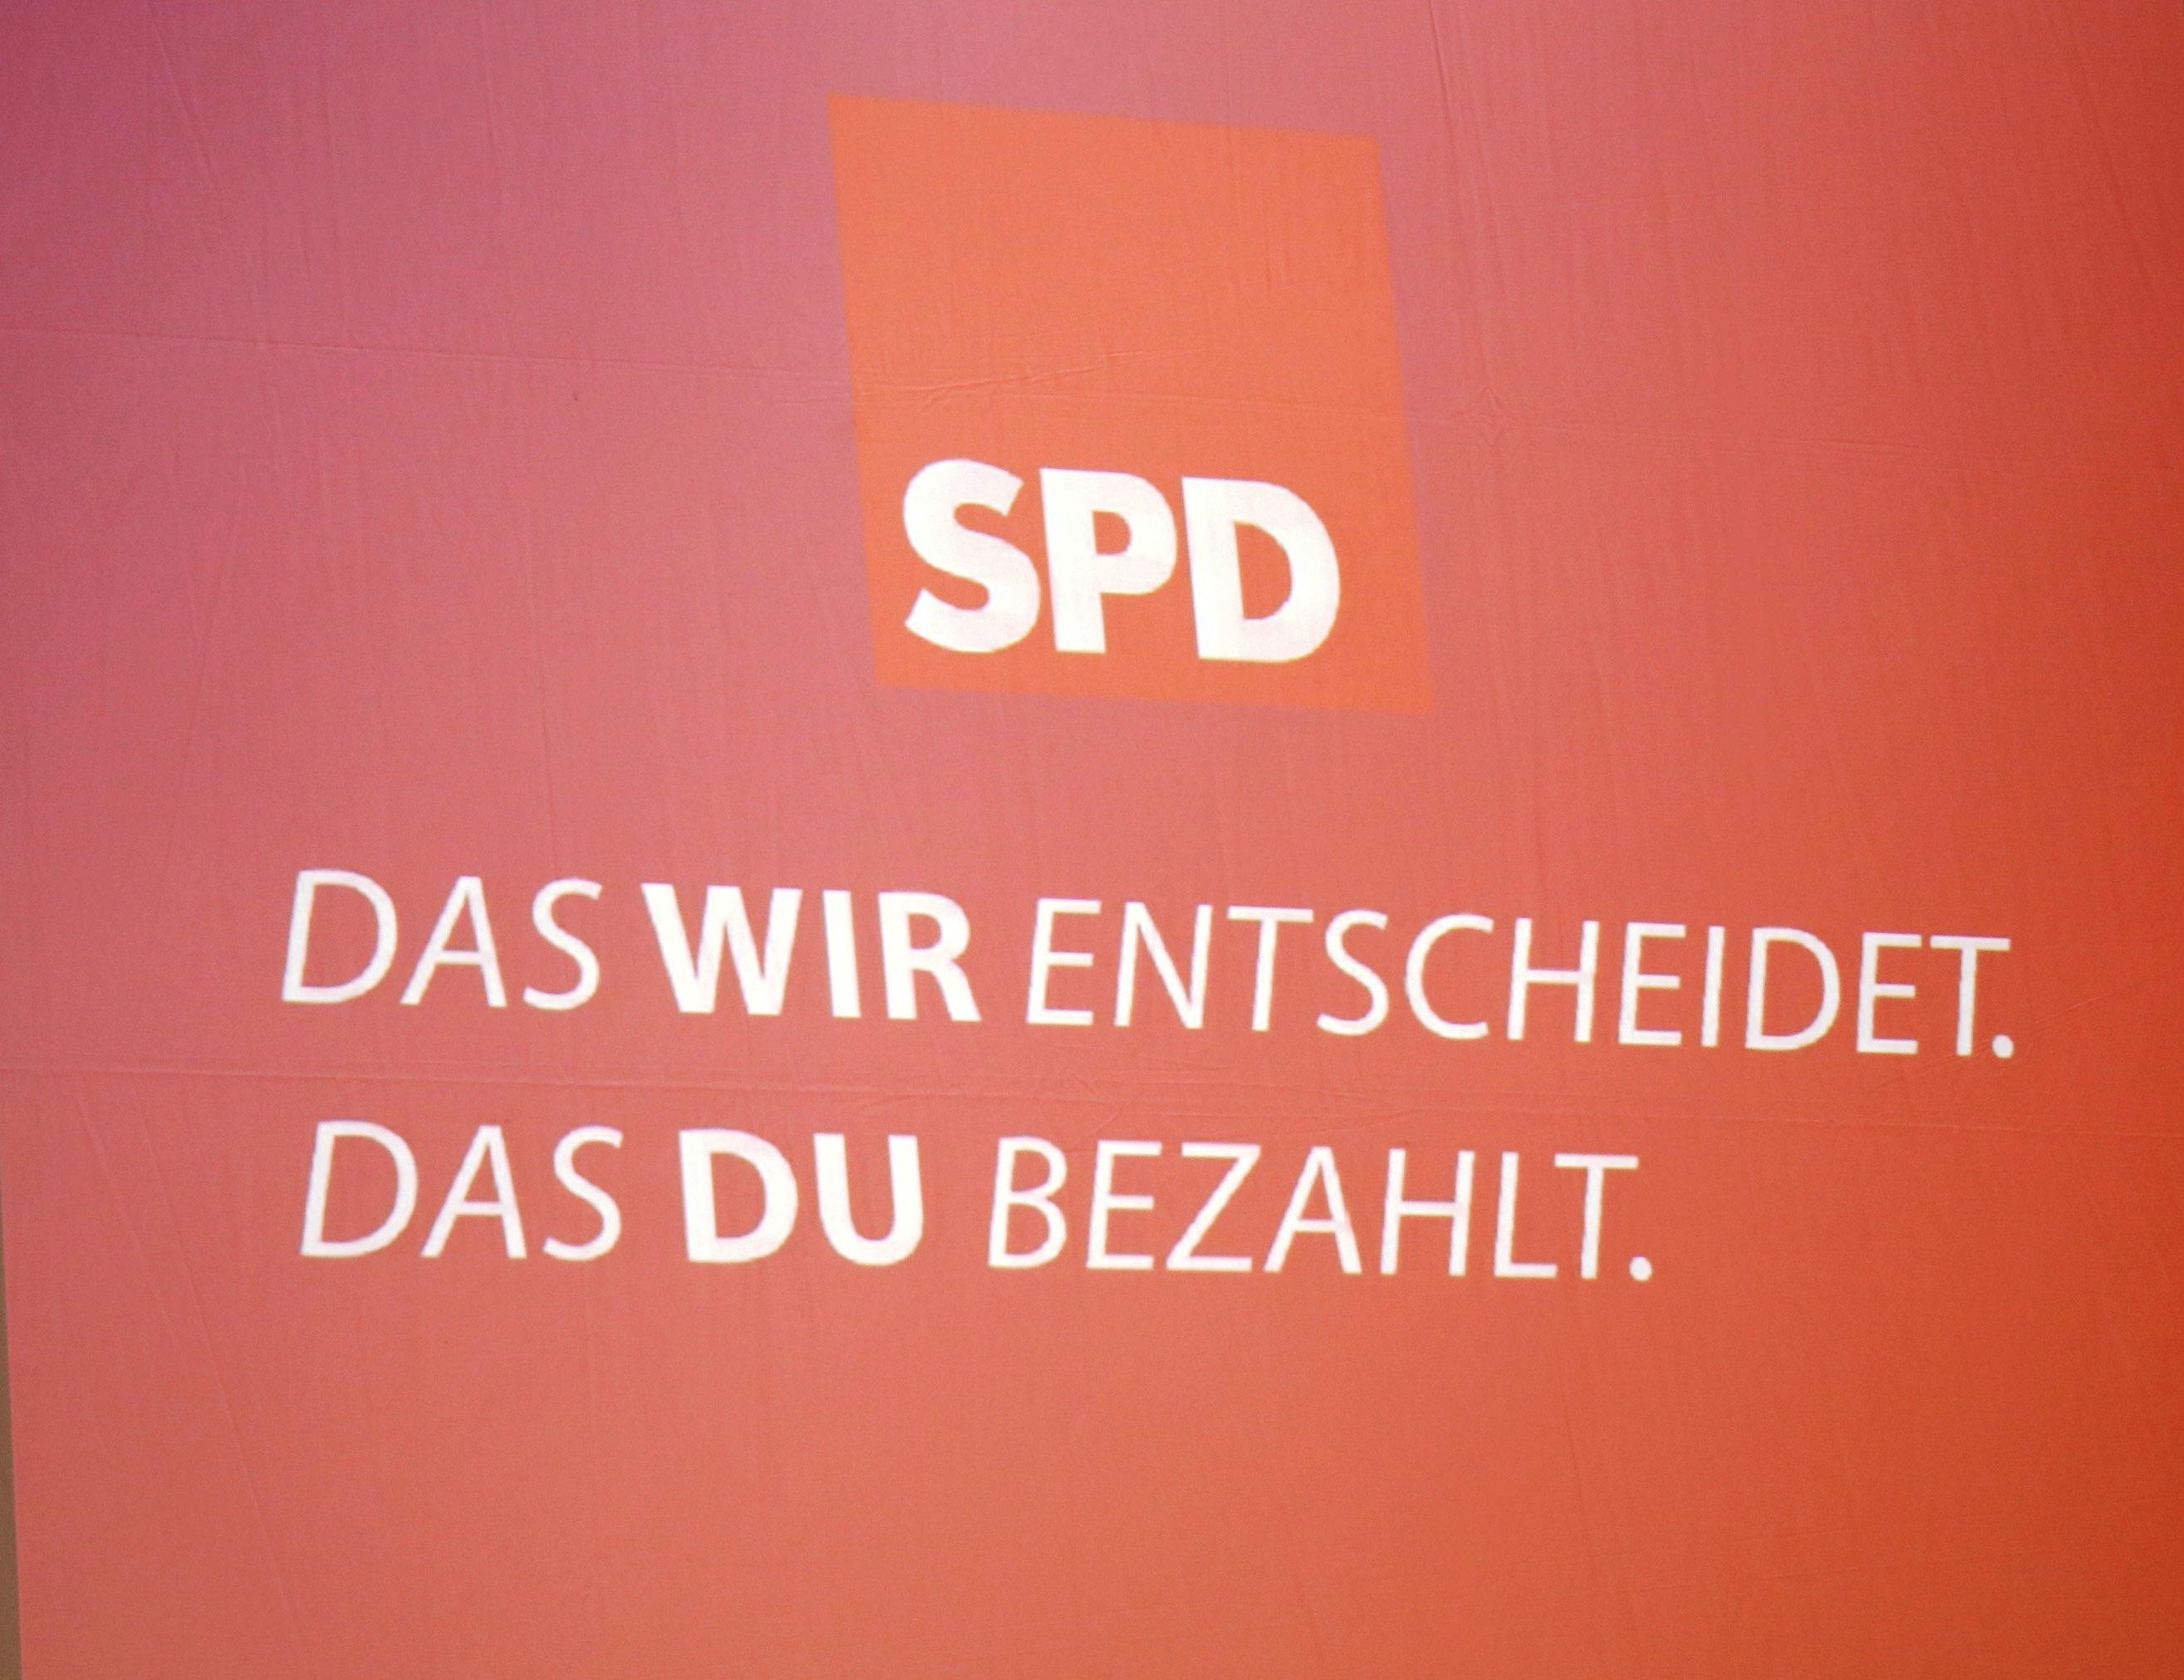 Flughafen Hahn: AfD stellt Strafanzeige gegen SPD-Innenminister Roger Lewentz